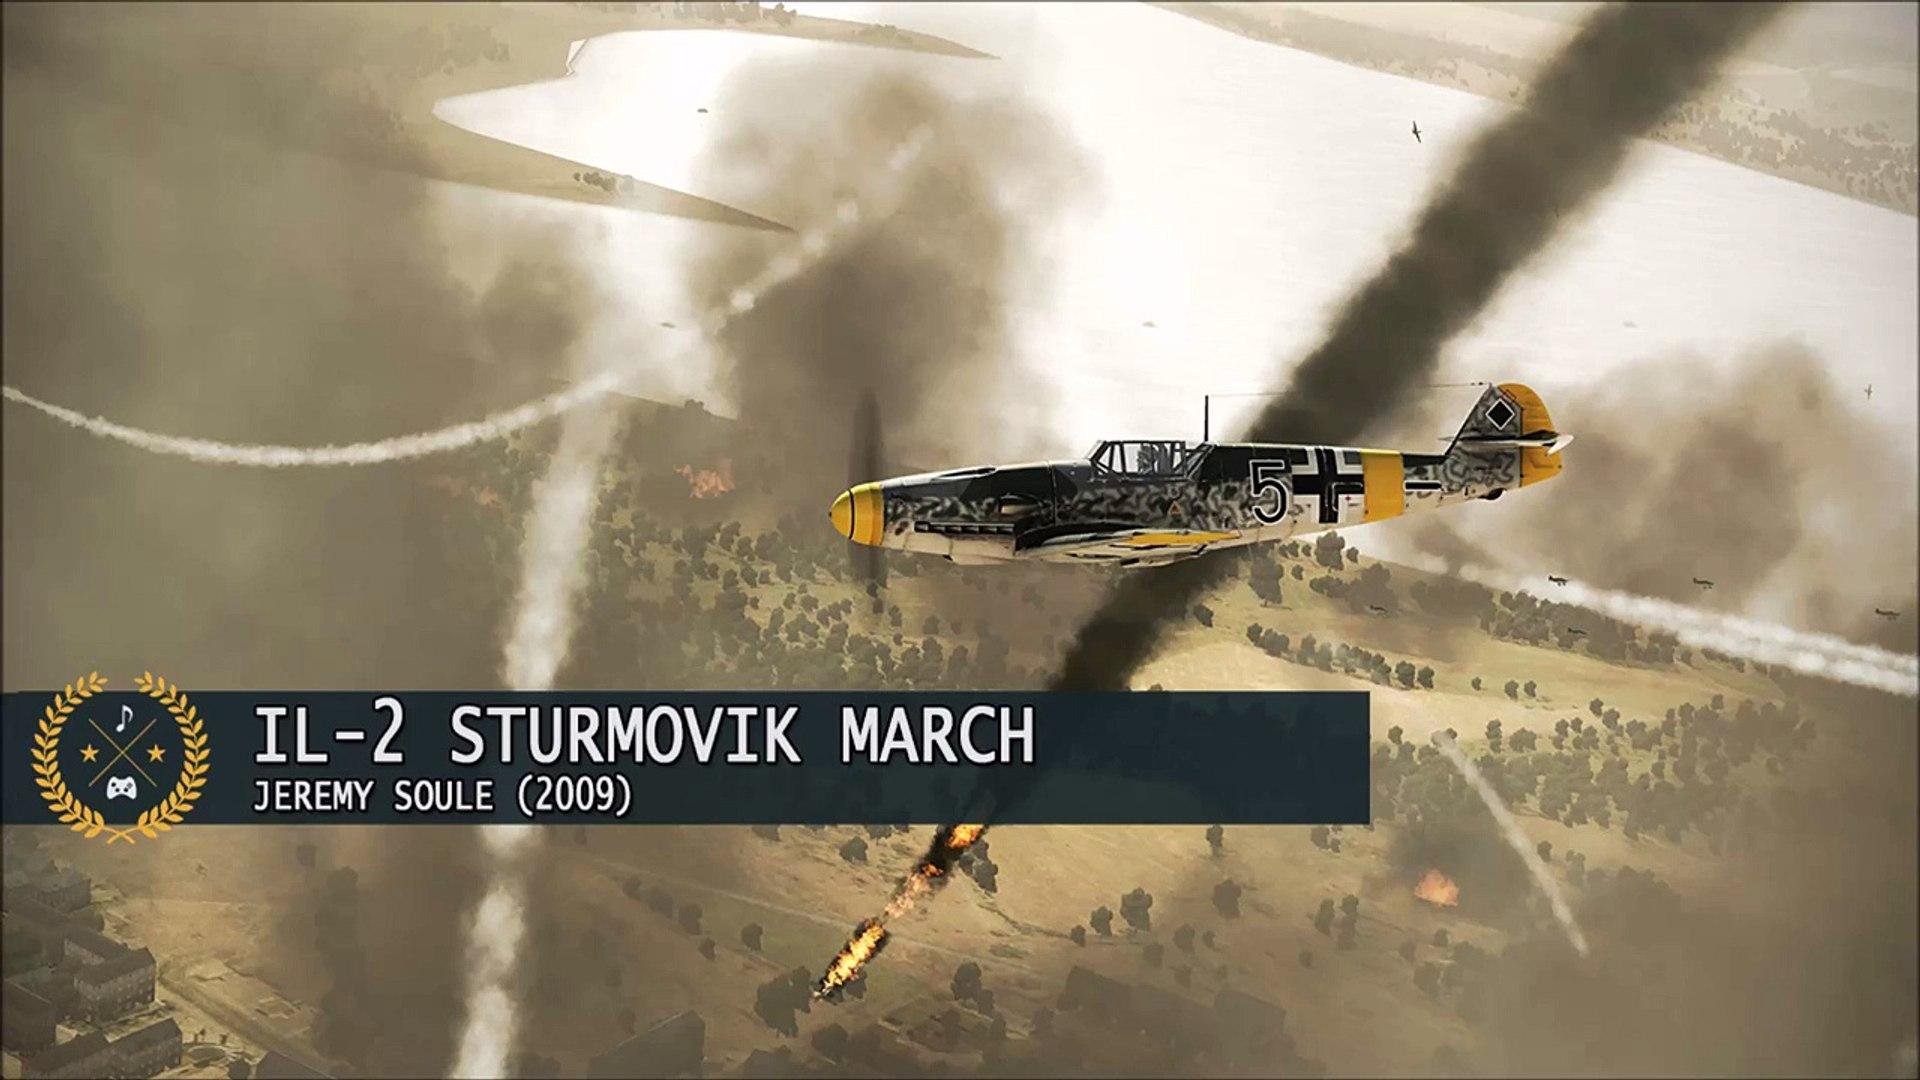 IL-2 Sturmovik Birds of Prey OST - IL-2 Sturmovik March